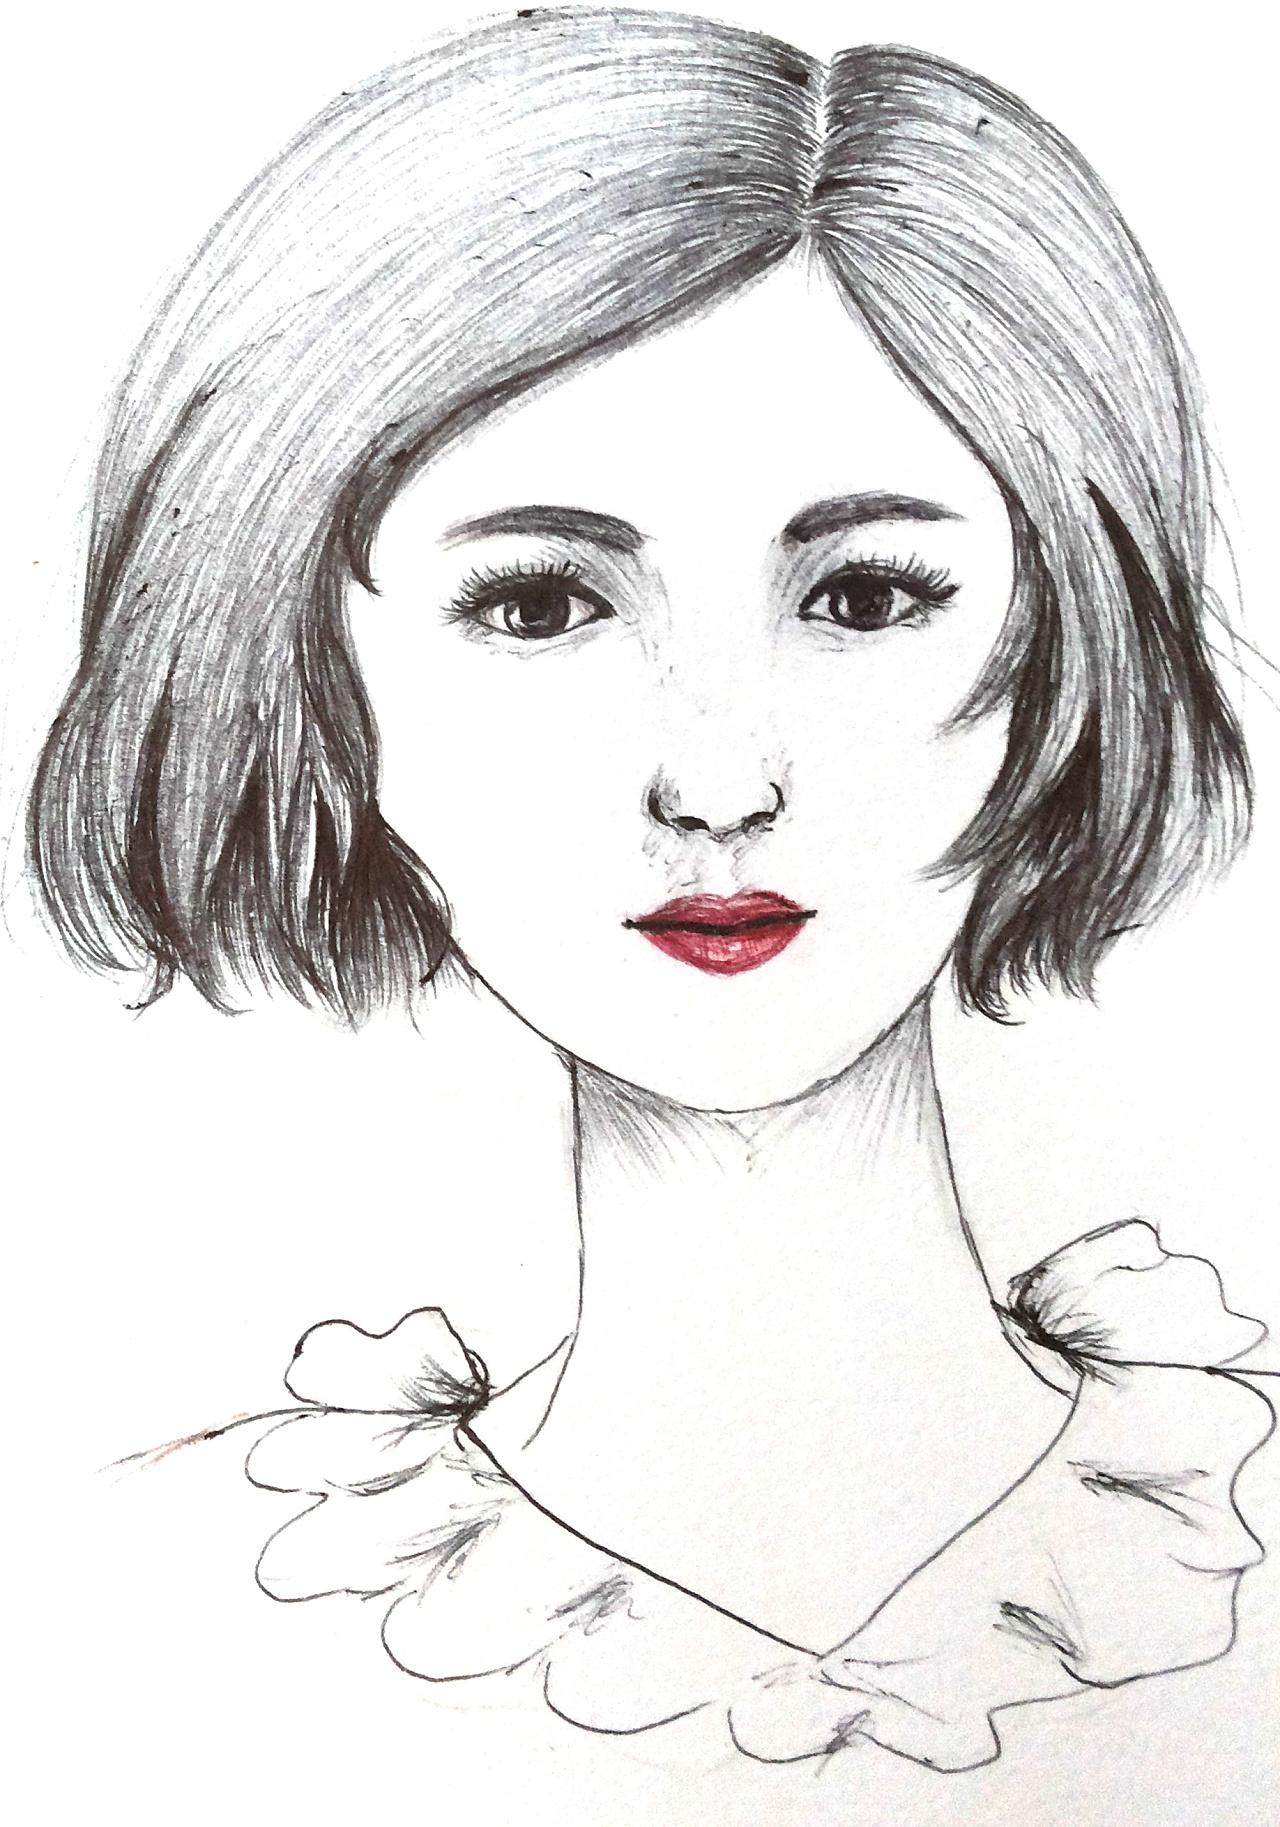 圆珠笔/针管笔手绘练习